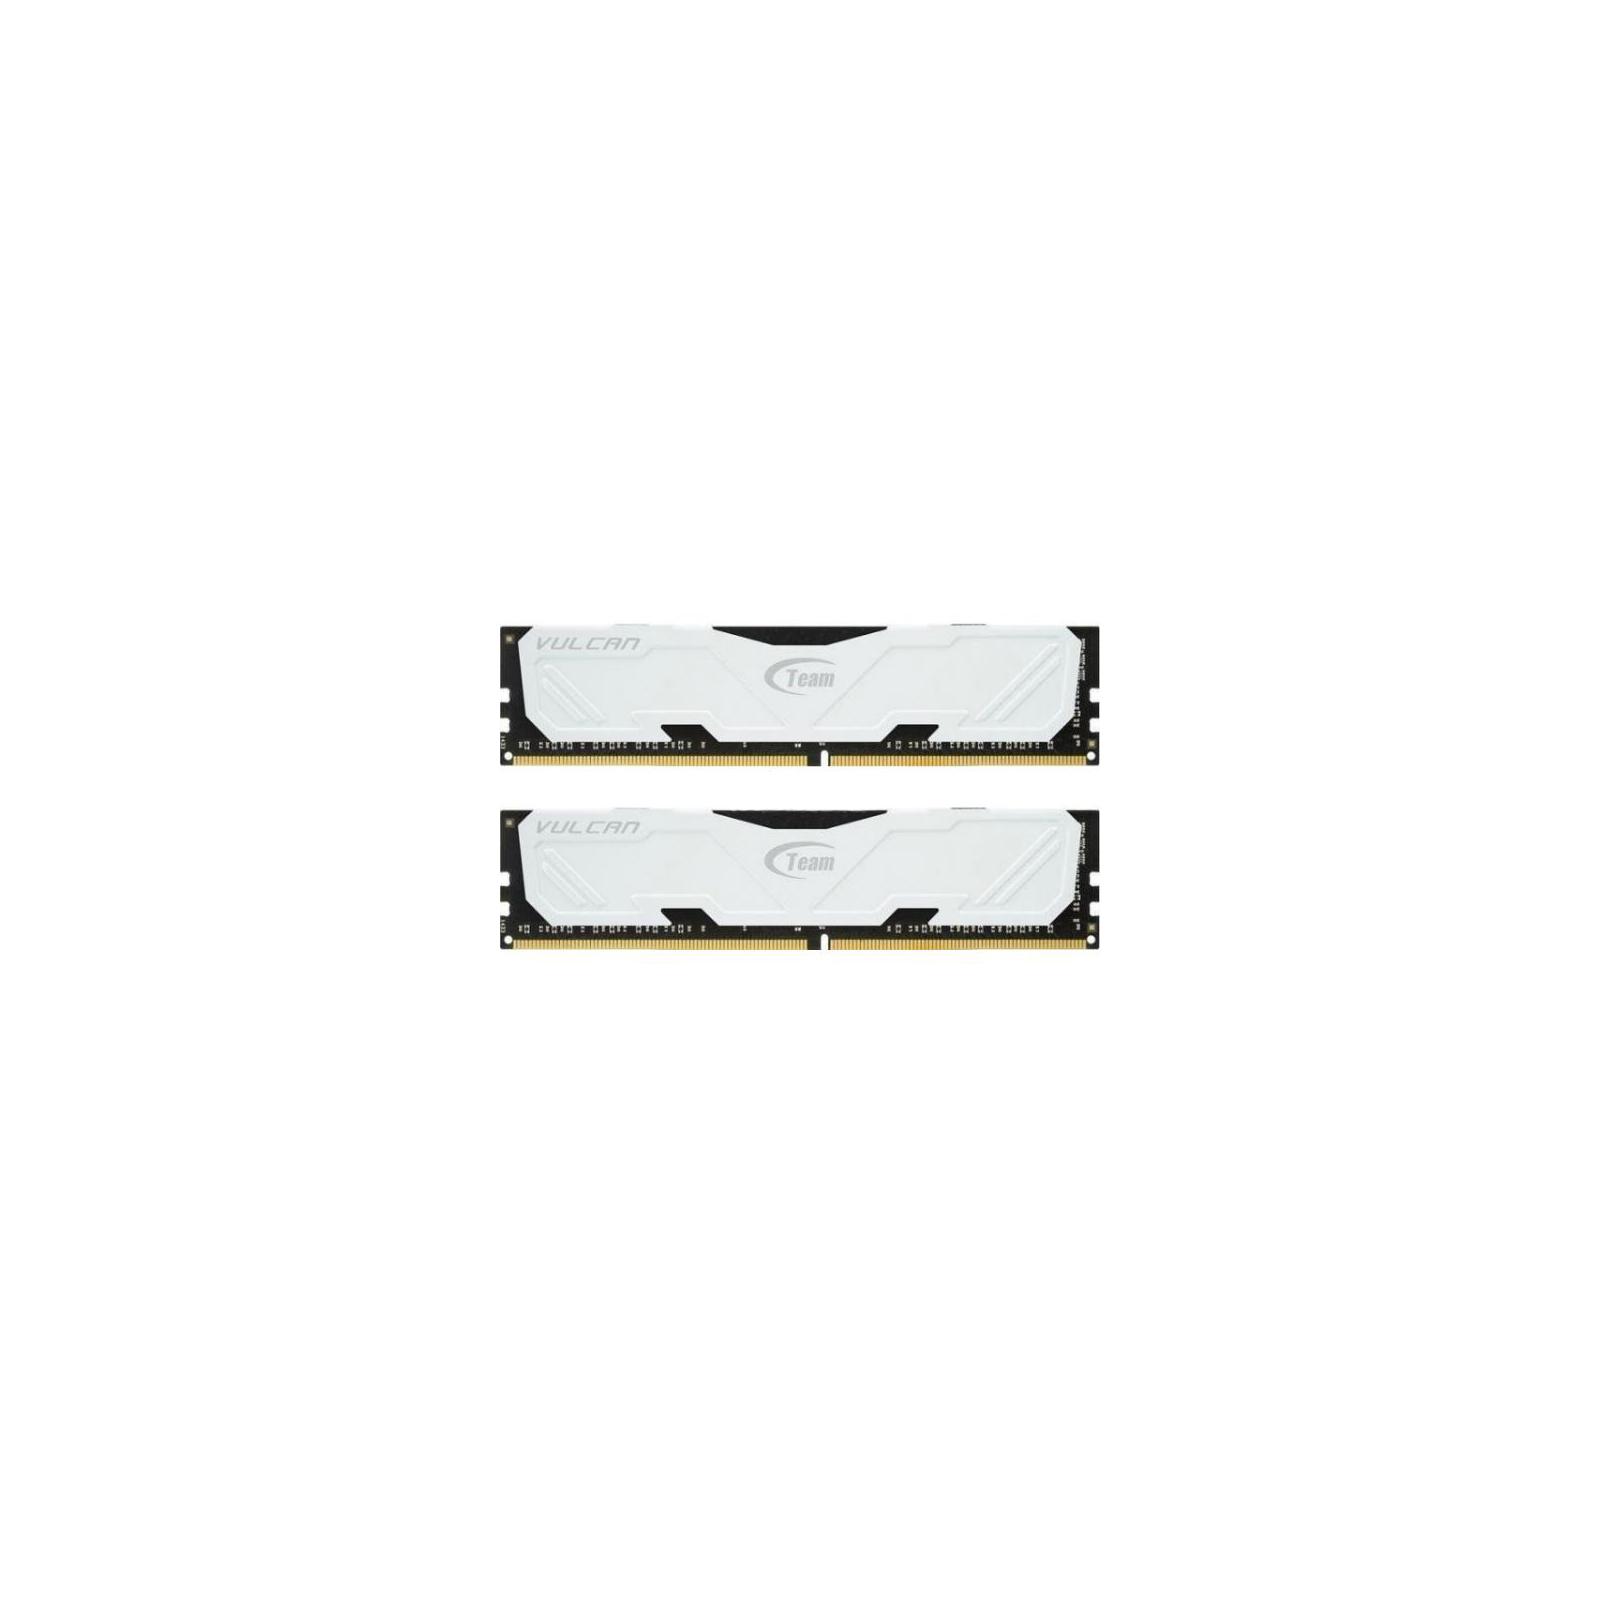 Модуль памяти для компьютера DDR3 8GB (2x4GB) 2133 MHz Team (TLWED38G2133HC10QDC01)